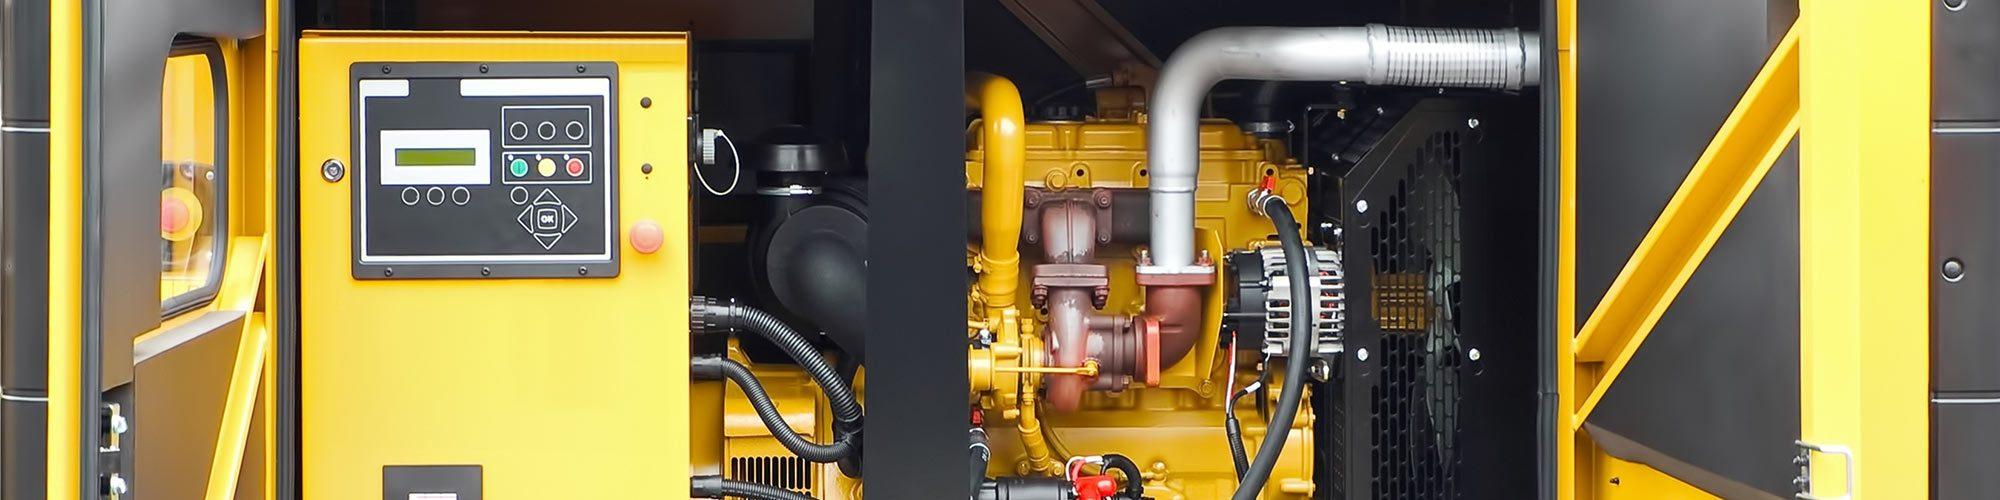 Ingebouwde generatoren